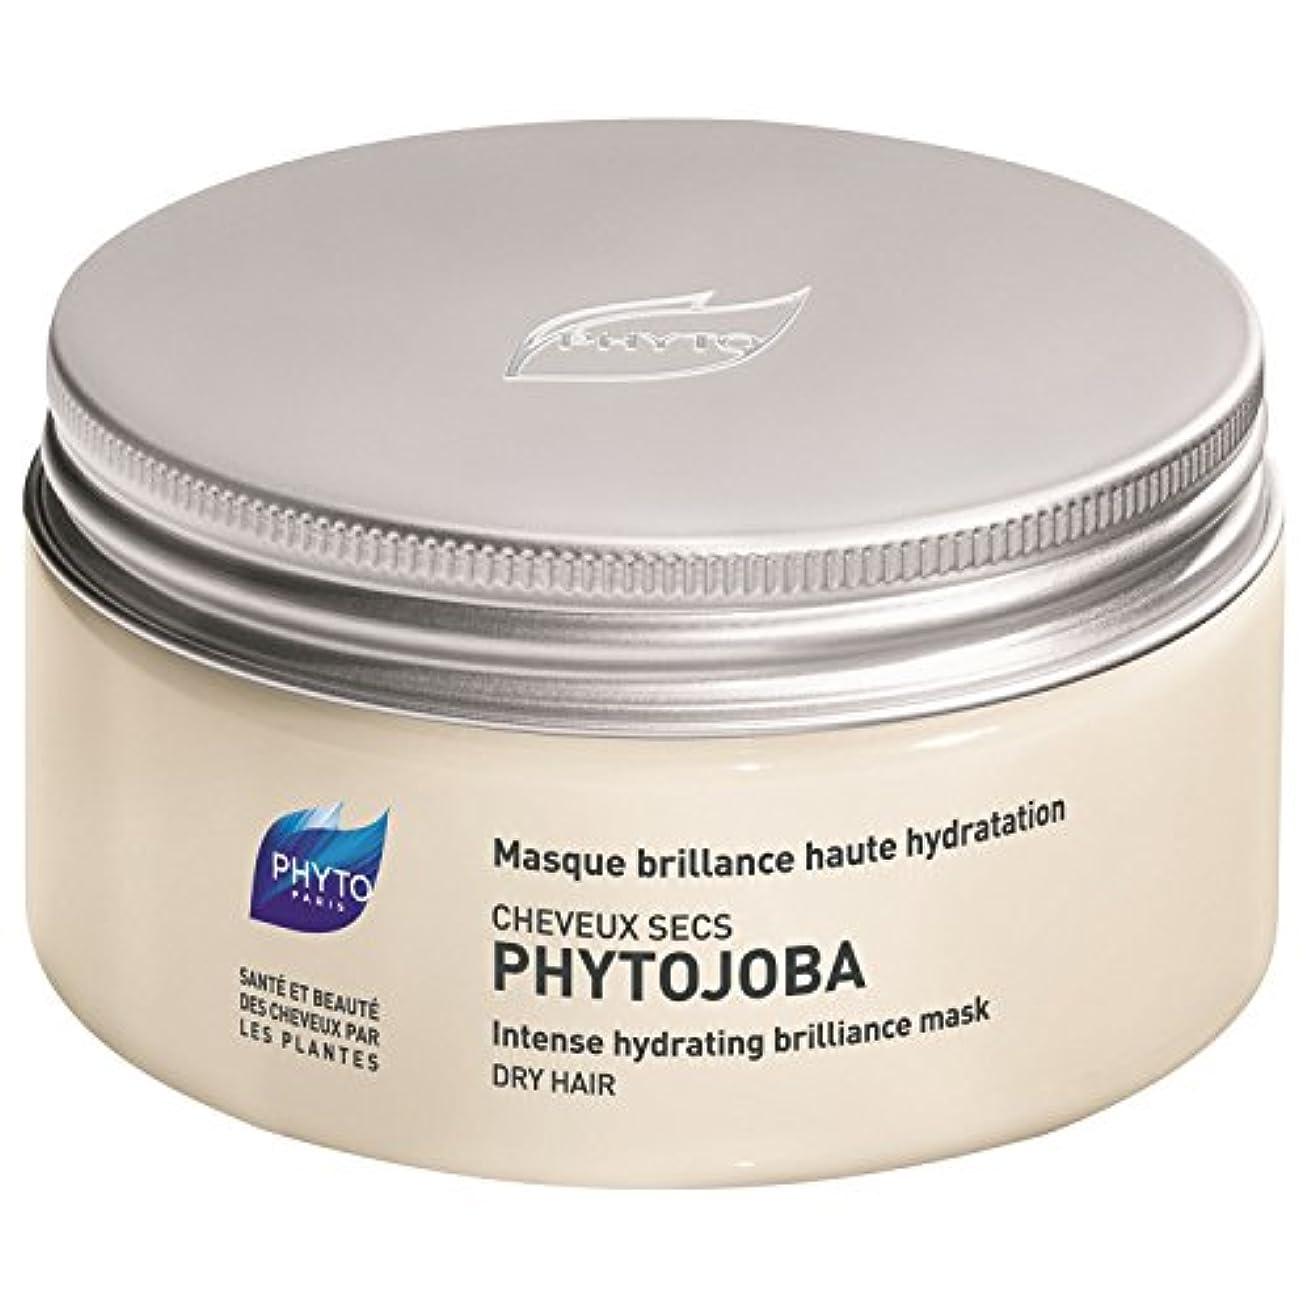 アイザック義務的無一文フィトPhytojoba強烈な水分補給マスク200ミリリットル (Phyto) (x2) - Phyto Phytojoba Intense Hydrating Mask 200ml (Pack of 2) [並行輸入品]